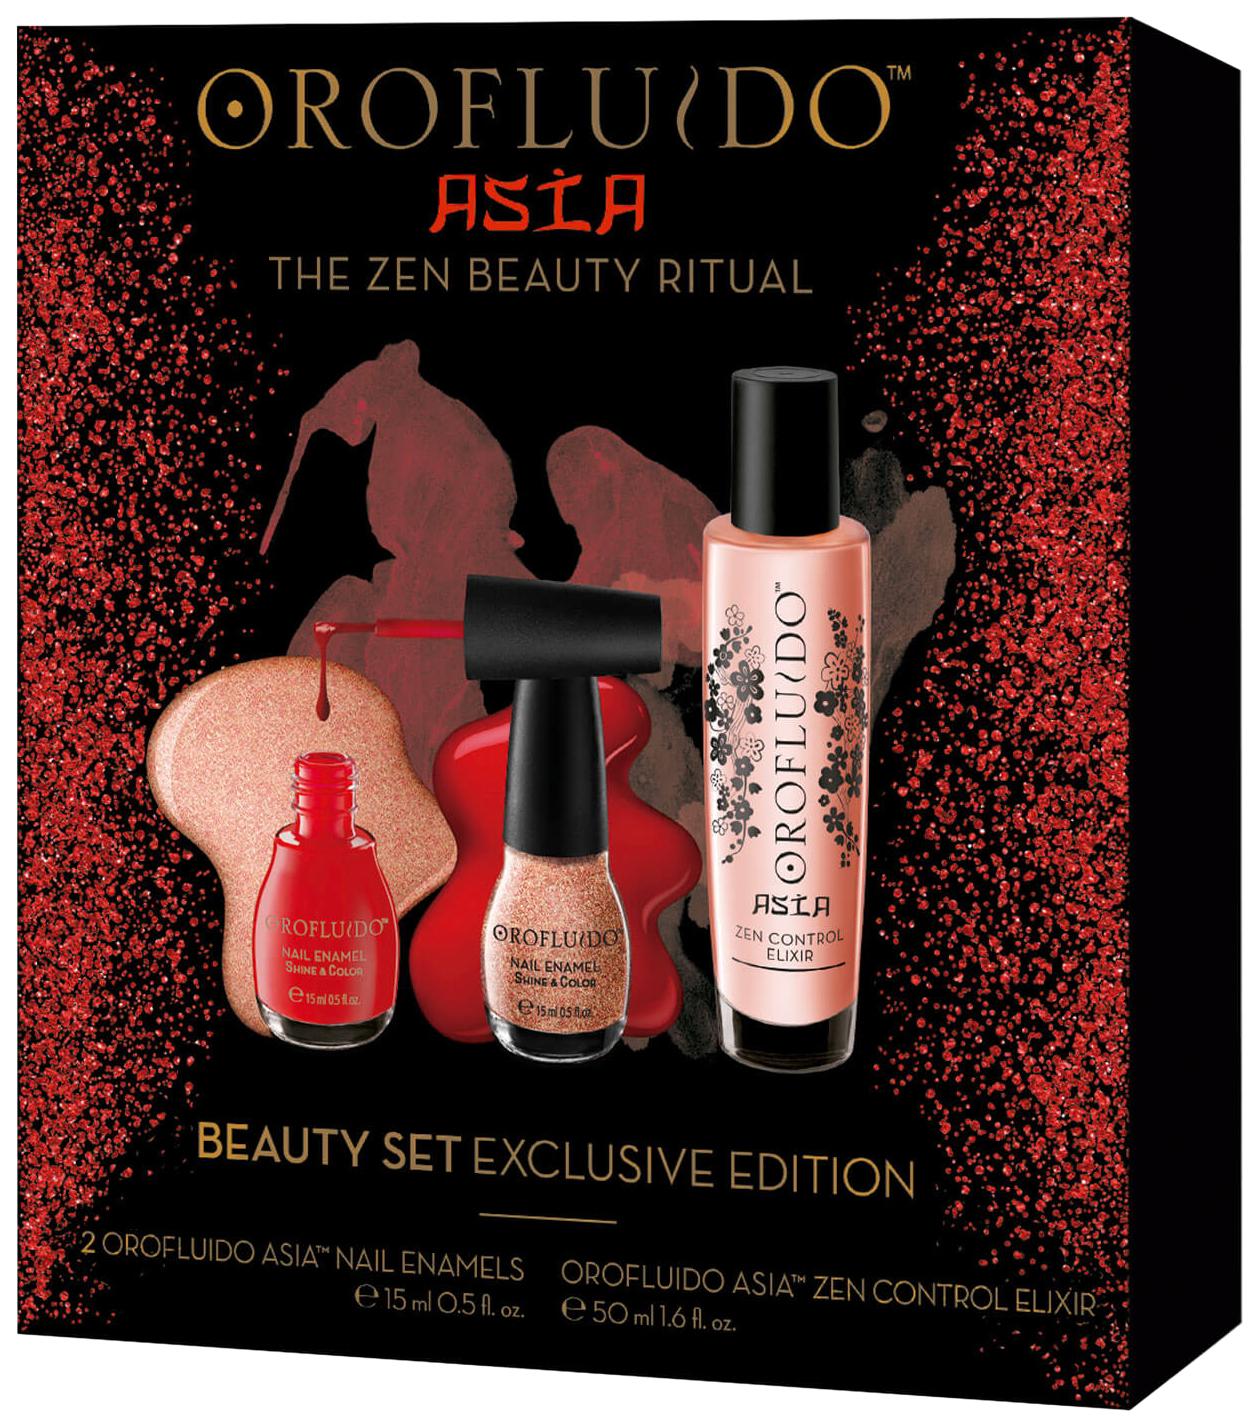 Набор декоративной косметики OROFLUIDO Asia Beauty Set Exclusive